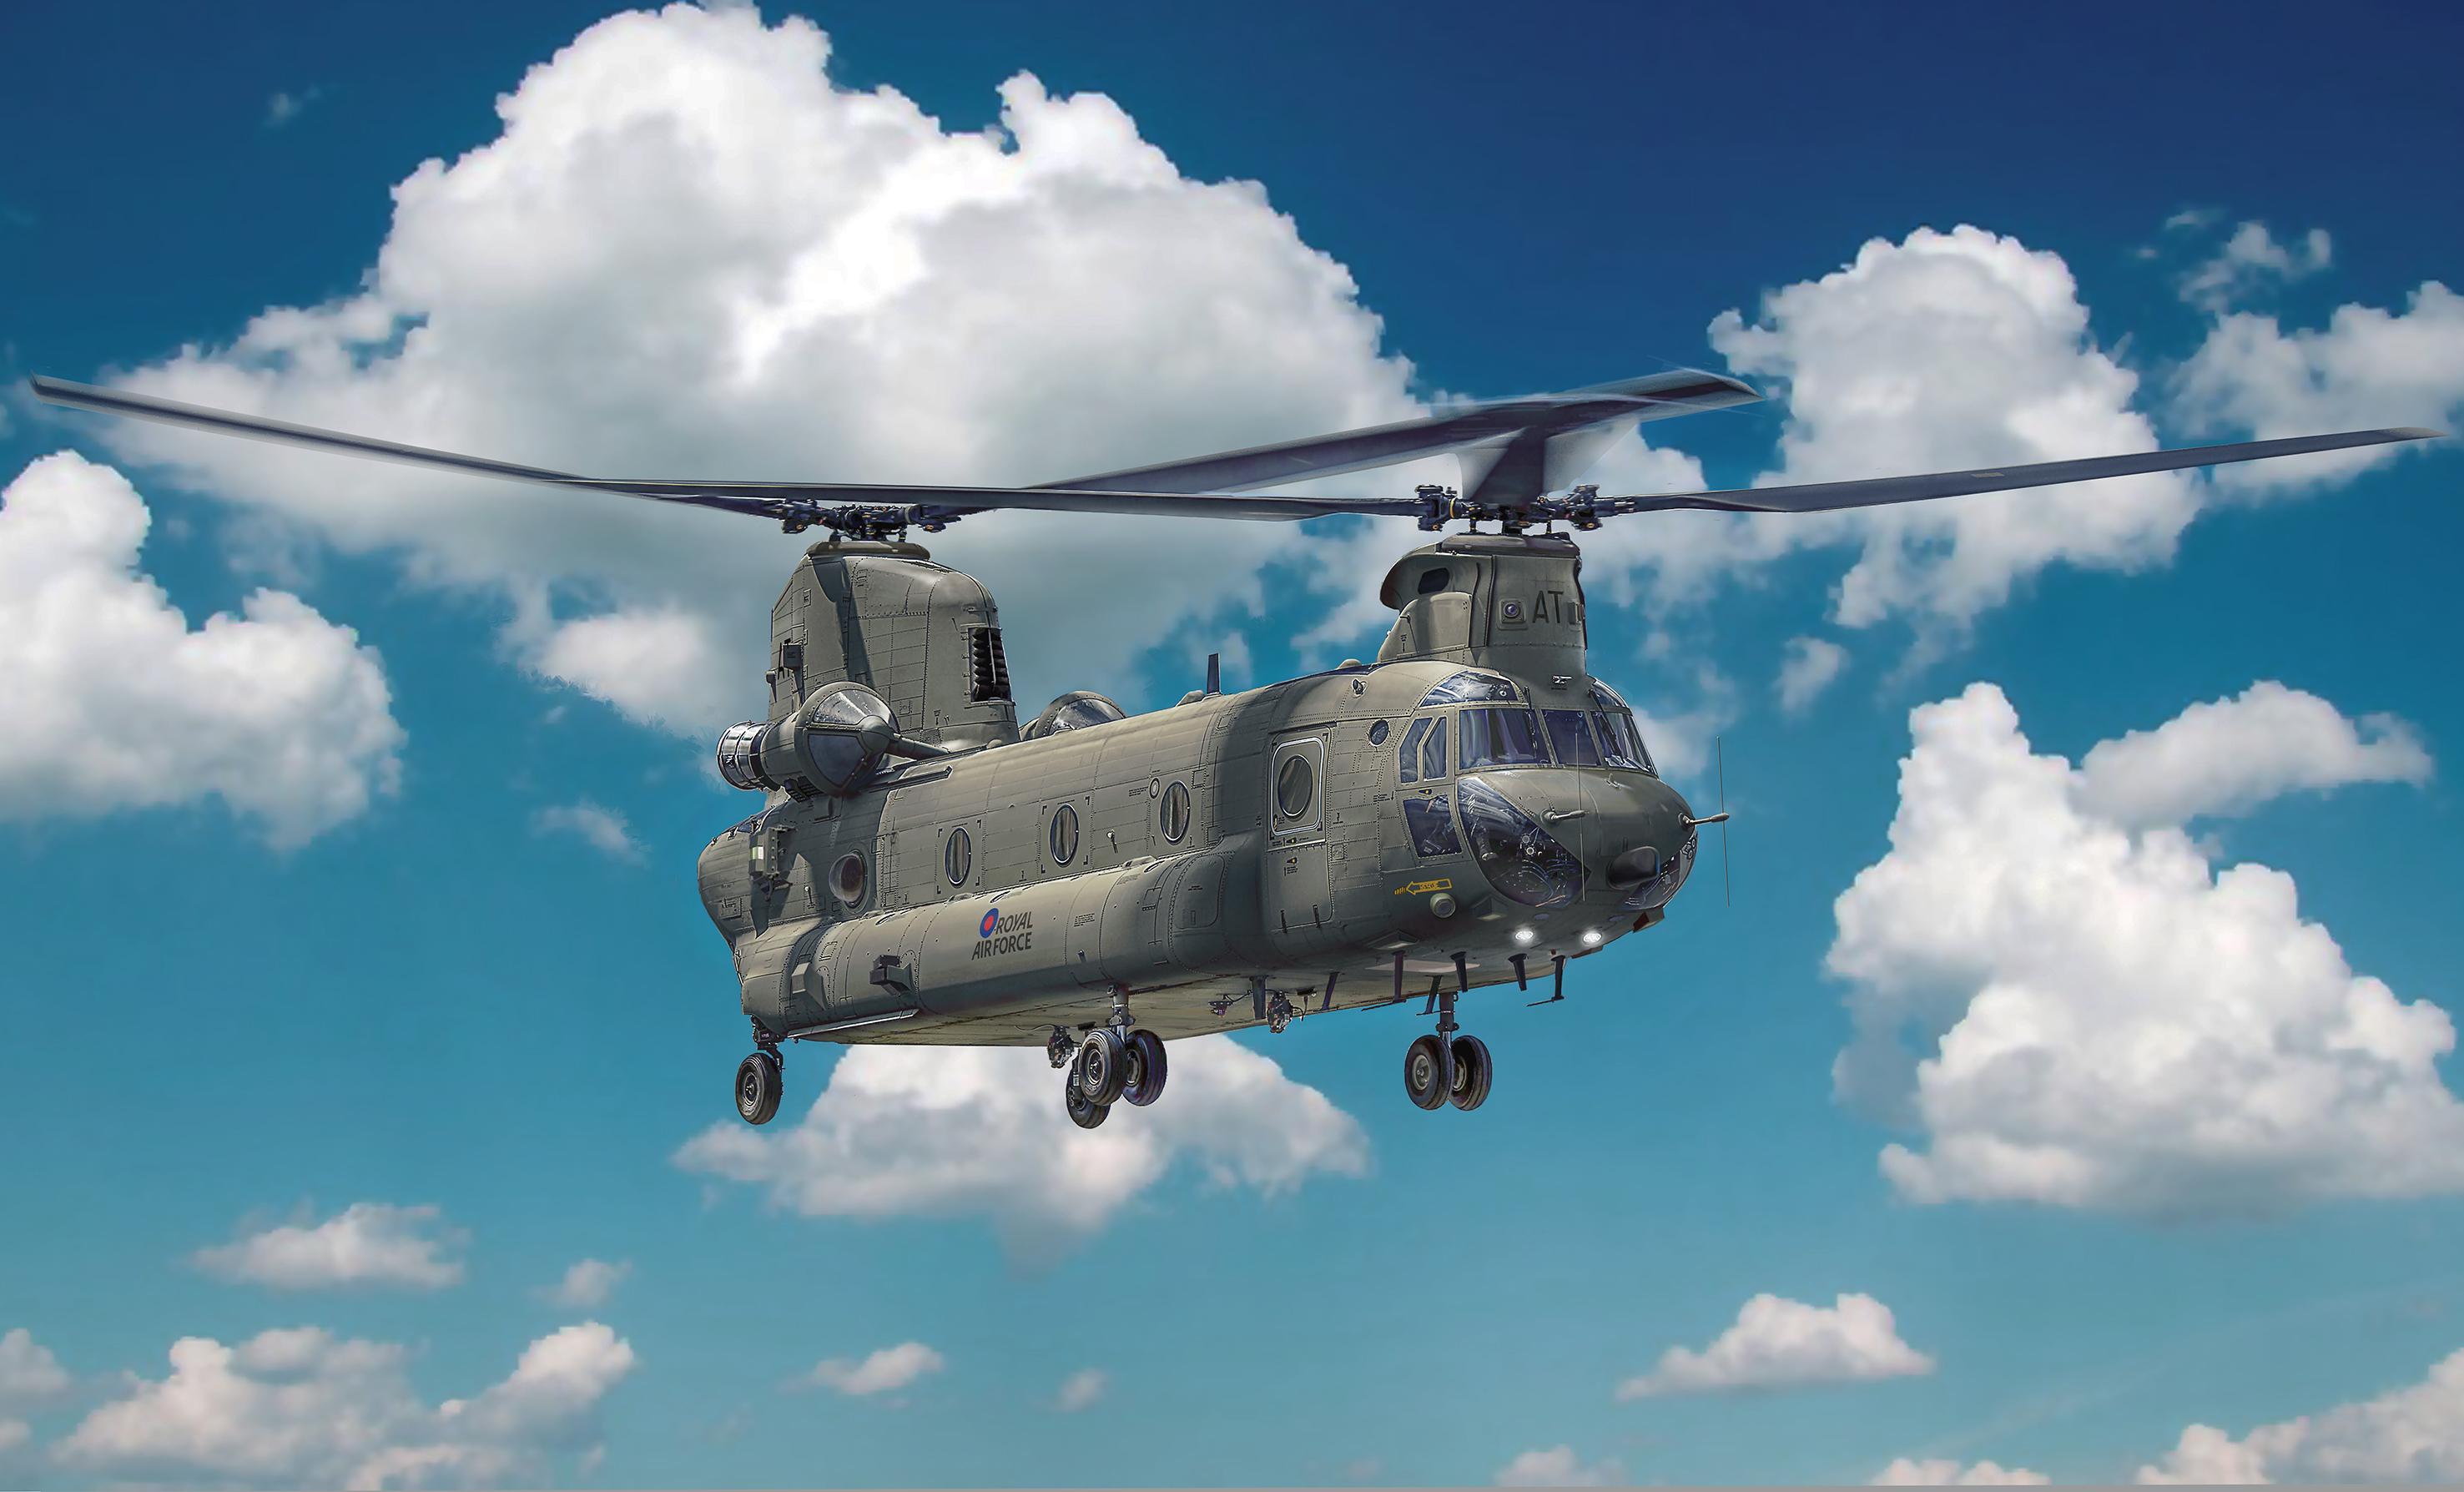 Elicottero Ch : Italeri elicottero scala chinook hc ch f